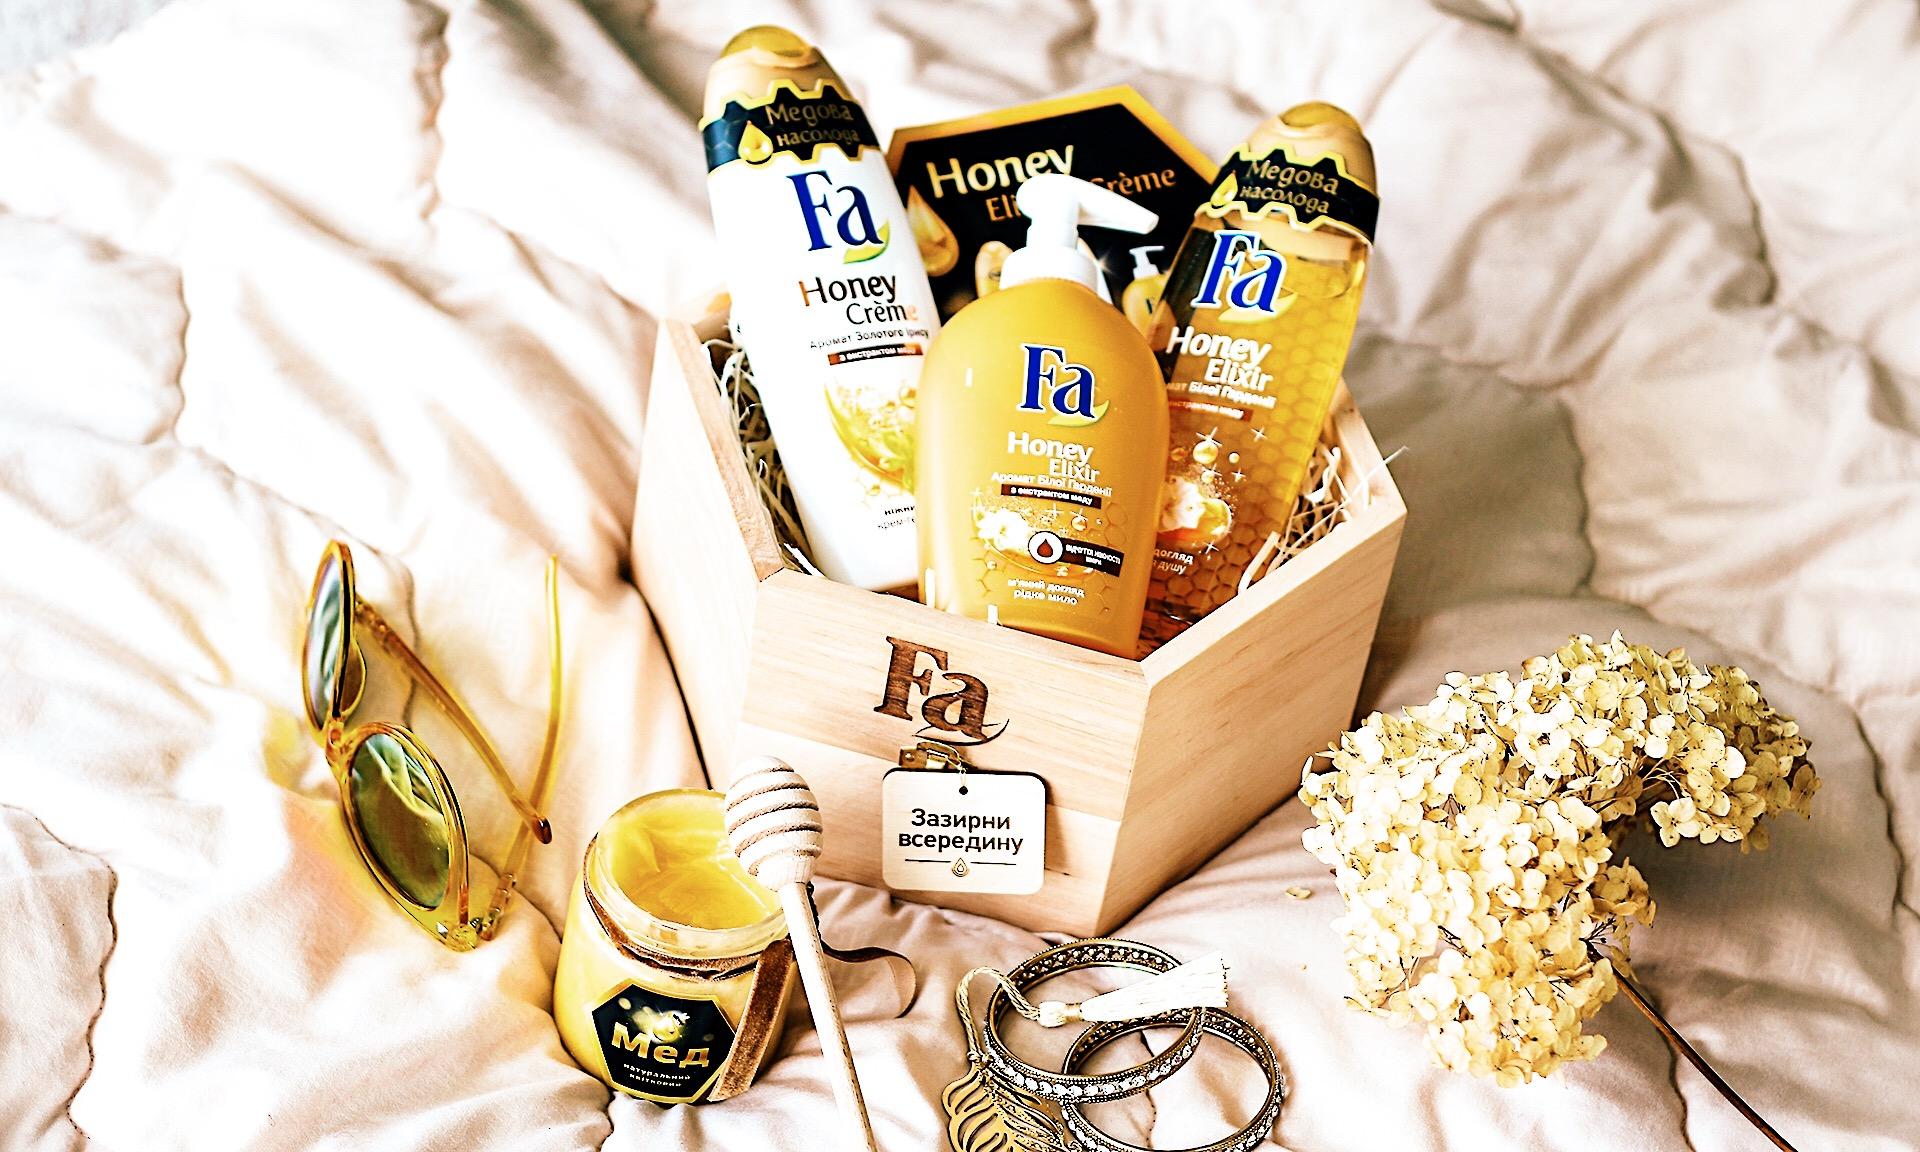 Гели для душа Fa Honey Elixir и Fa Honey Creme